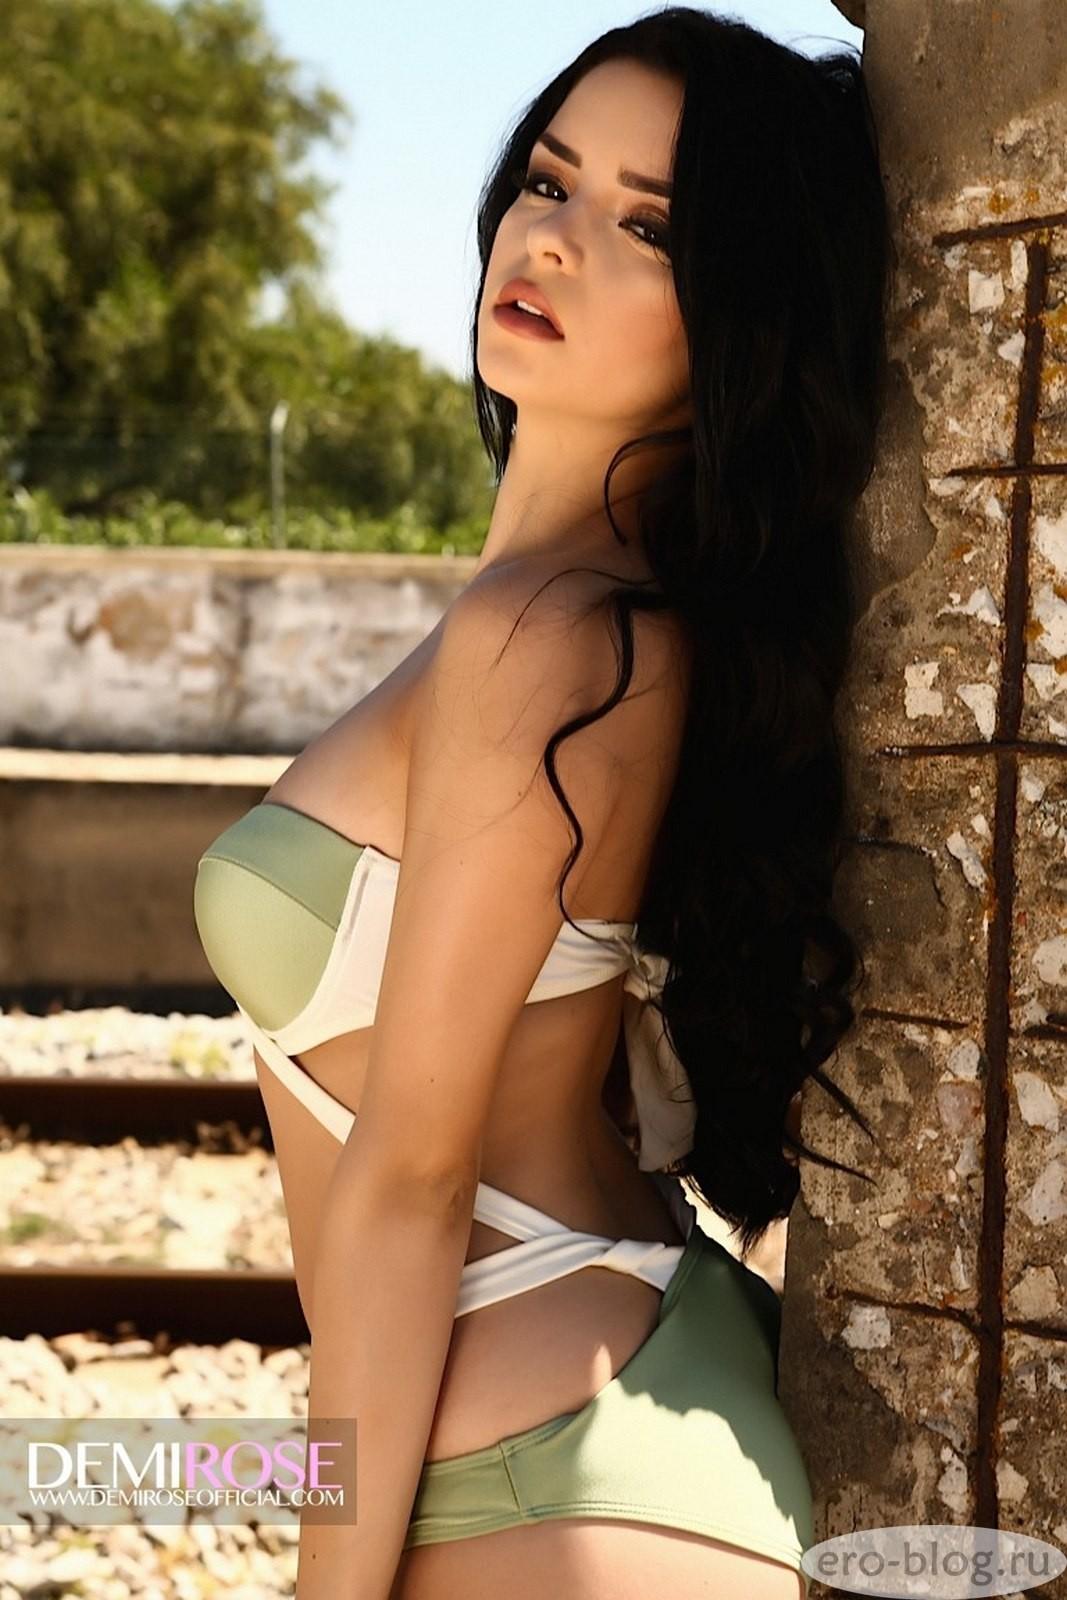 Голая обнаженная Demi Rose | Деми Роуз интимные фото звезды